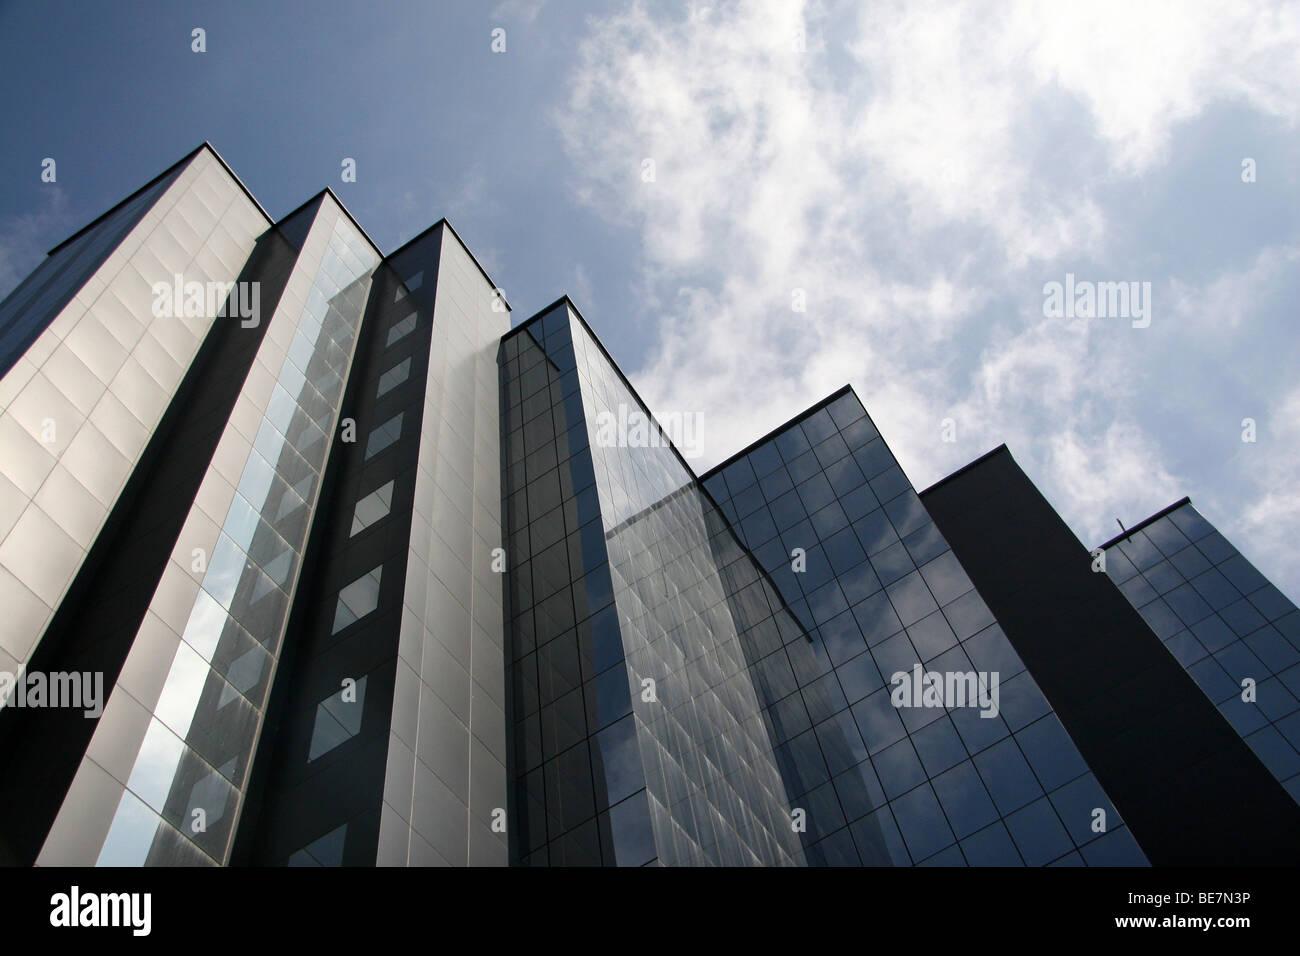 Una moderna oficina fachada de vidrio en el centro de Bangalore, India. Imagen De Stock